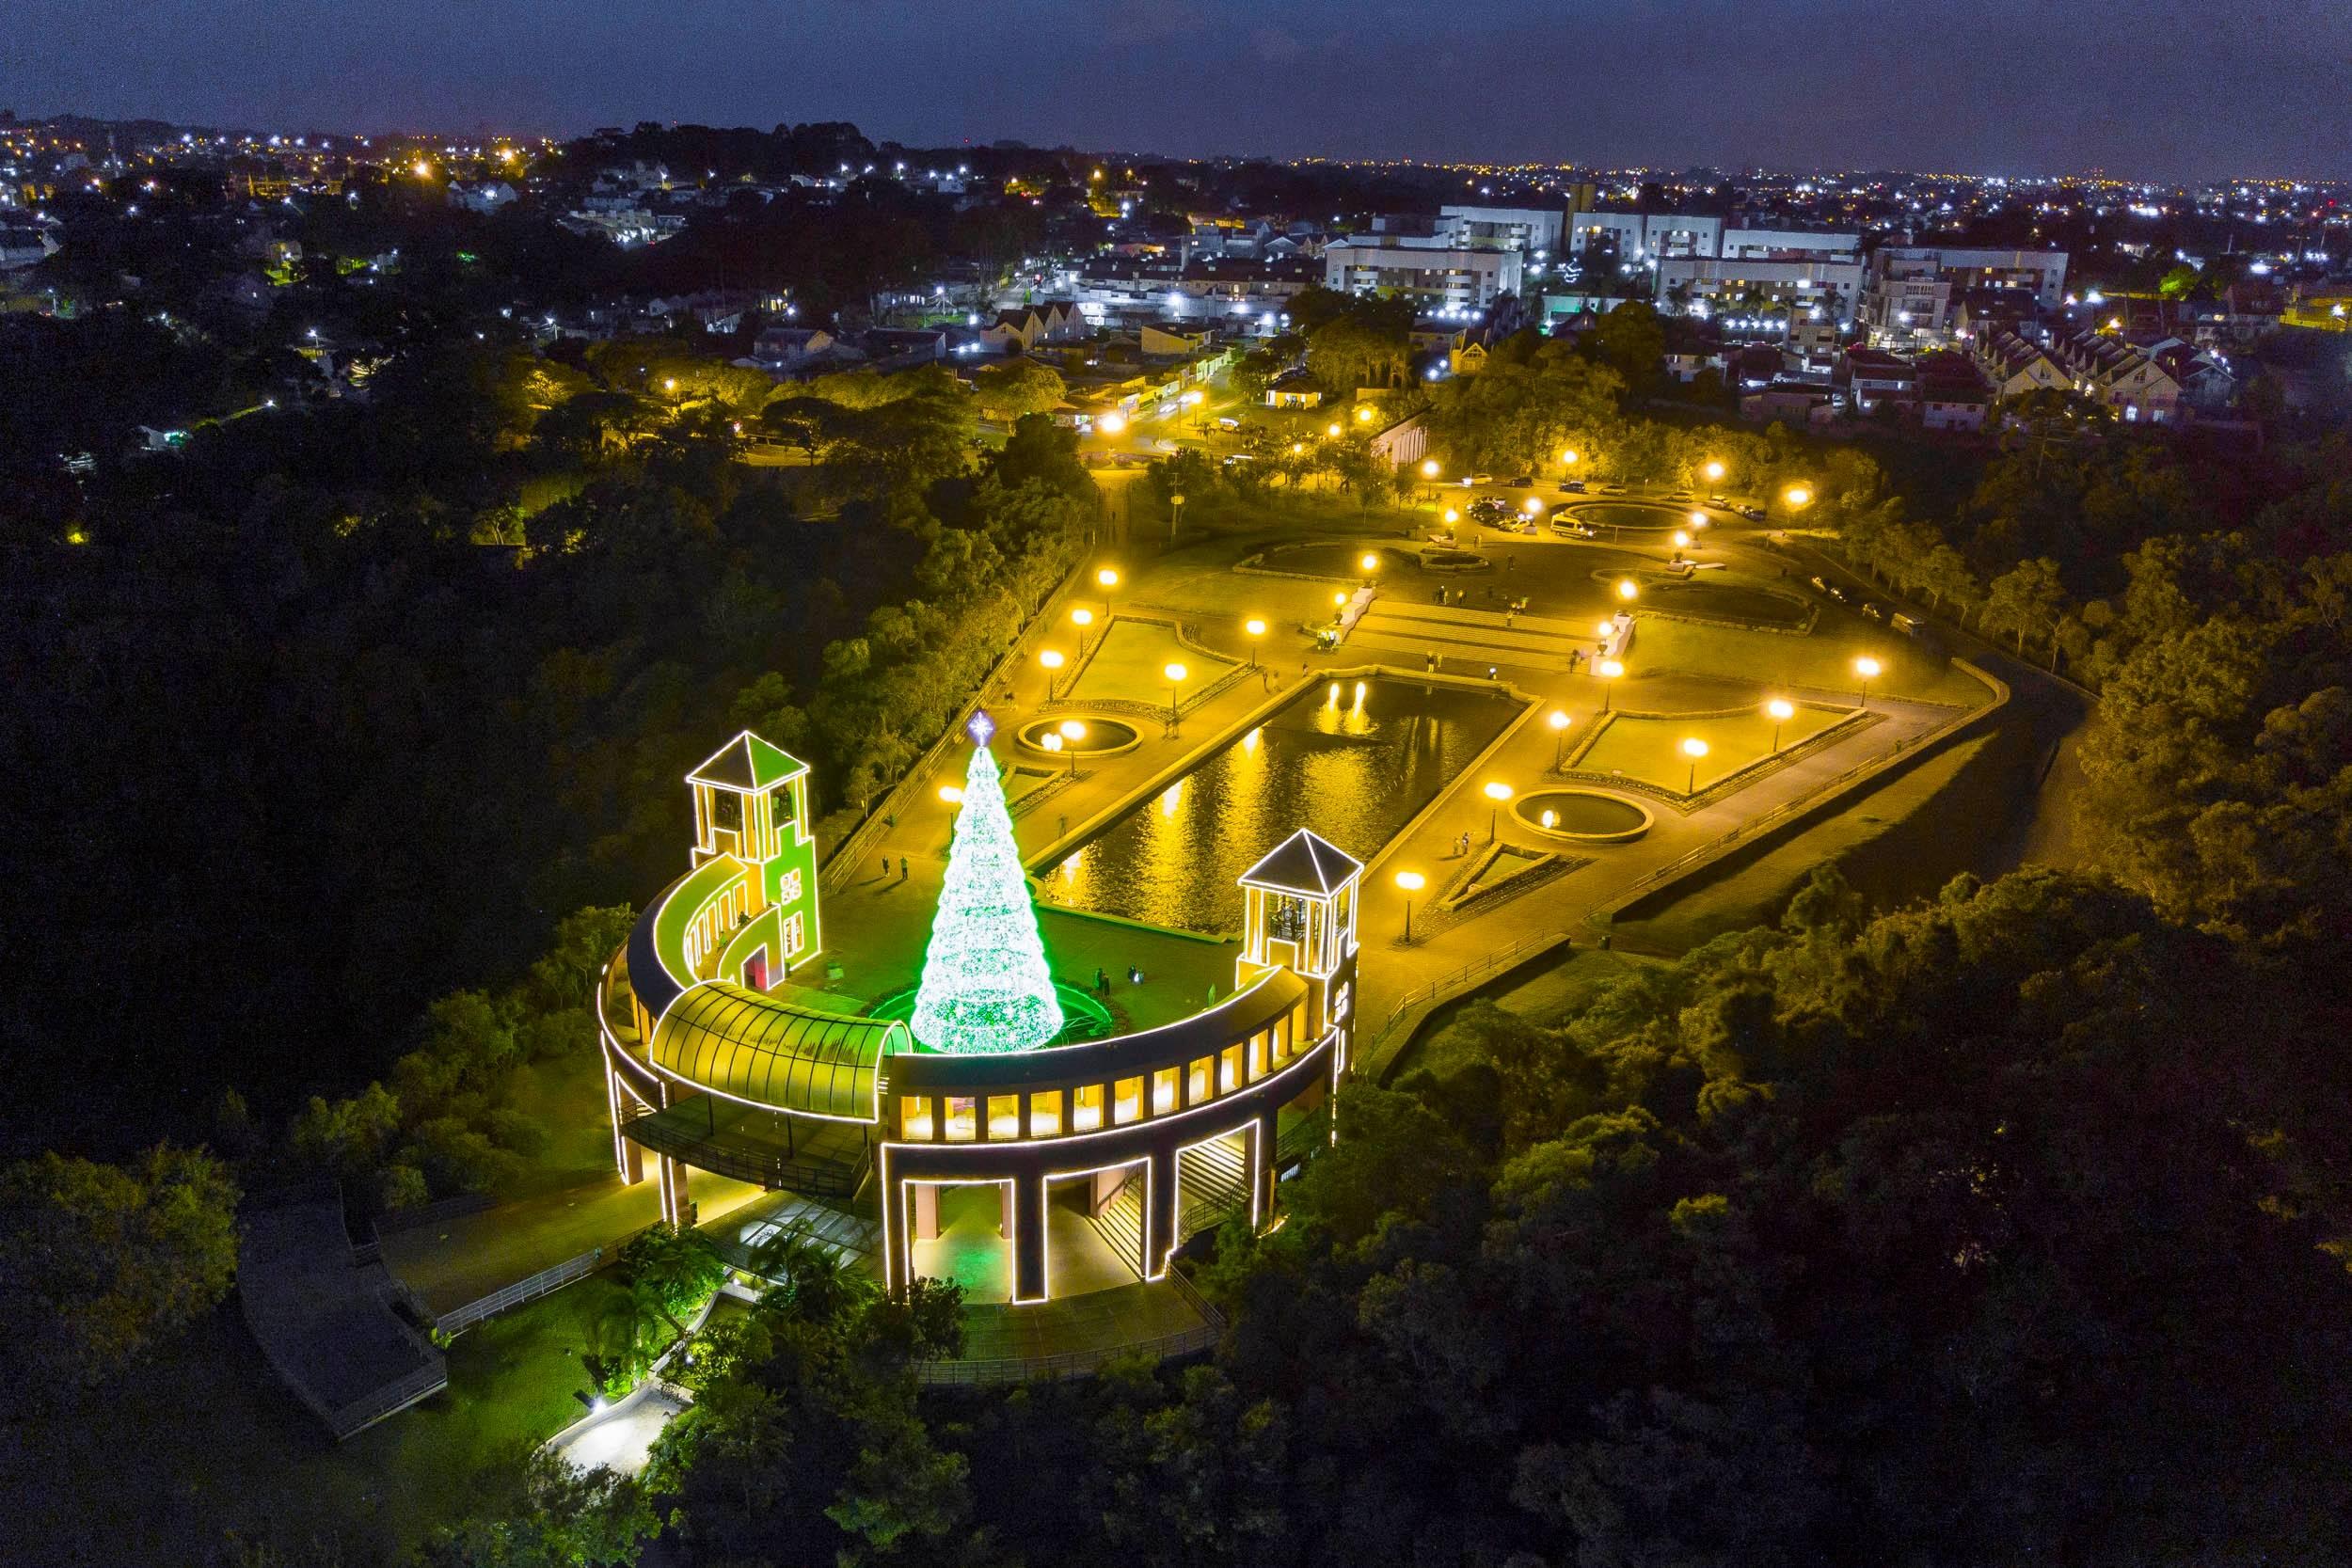 O parque Tanguá recebeu no ano passado super arvore de natal de apresentação musicais. Foto: Daniel Castellano / SMCS